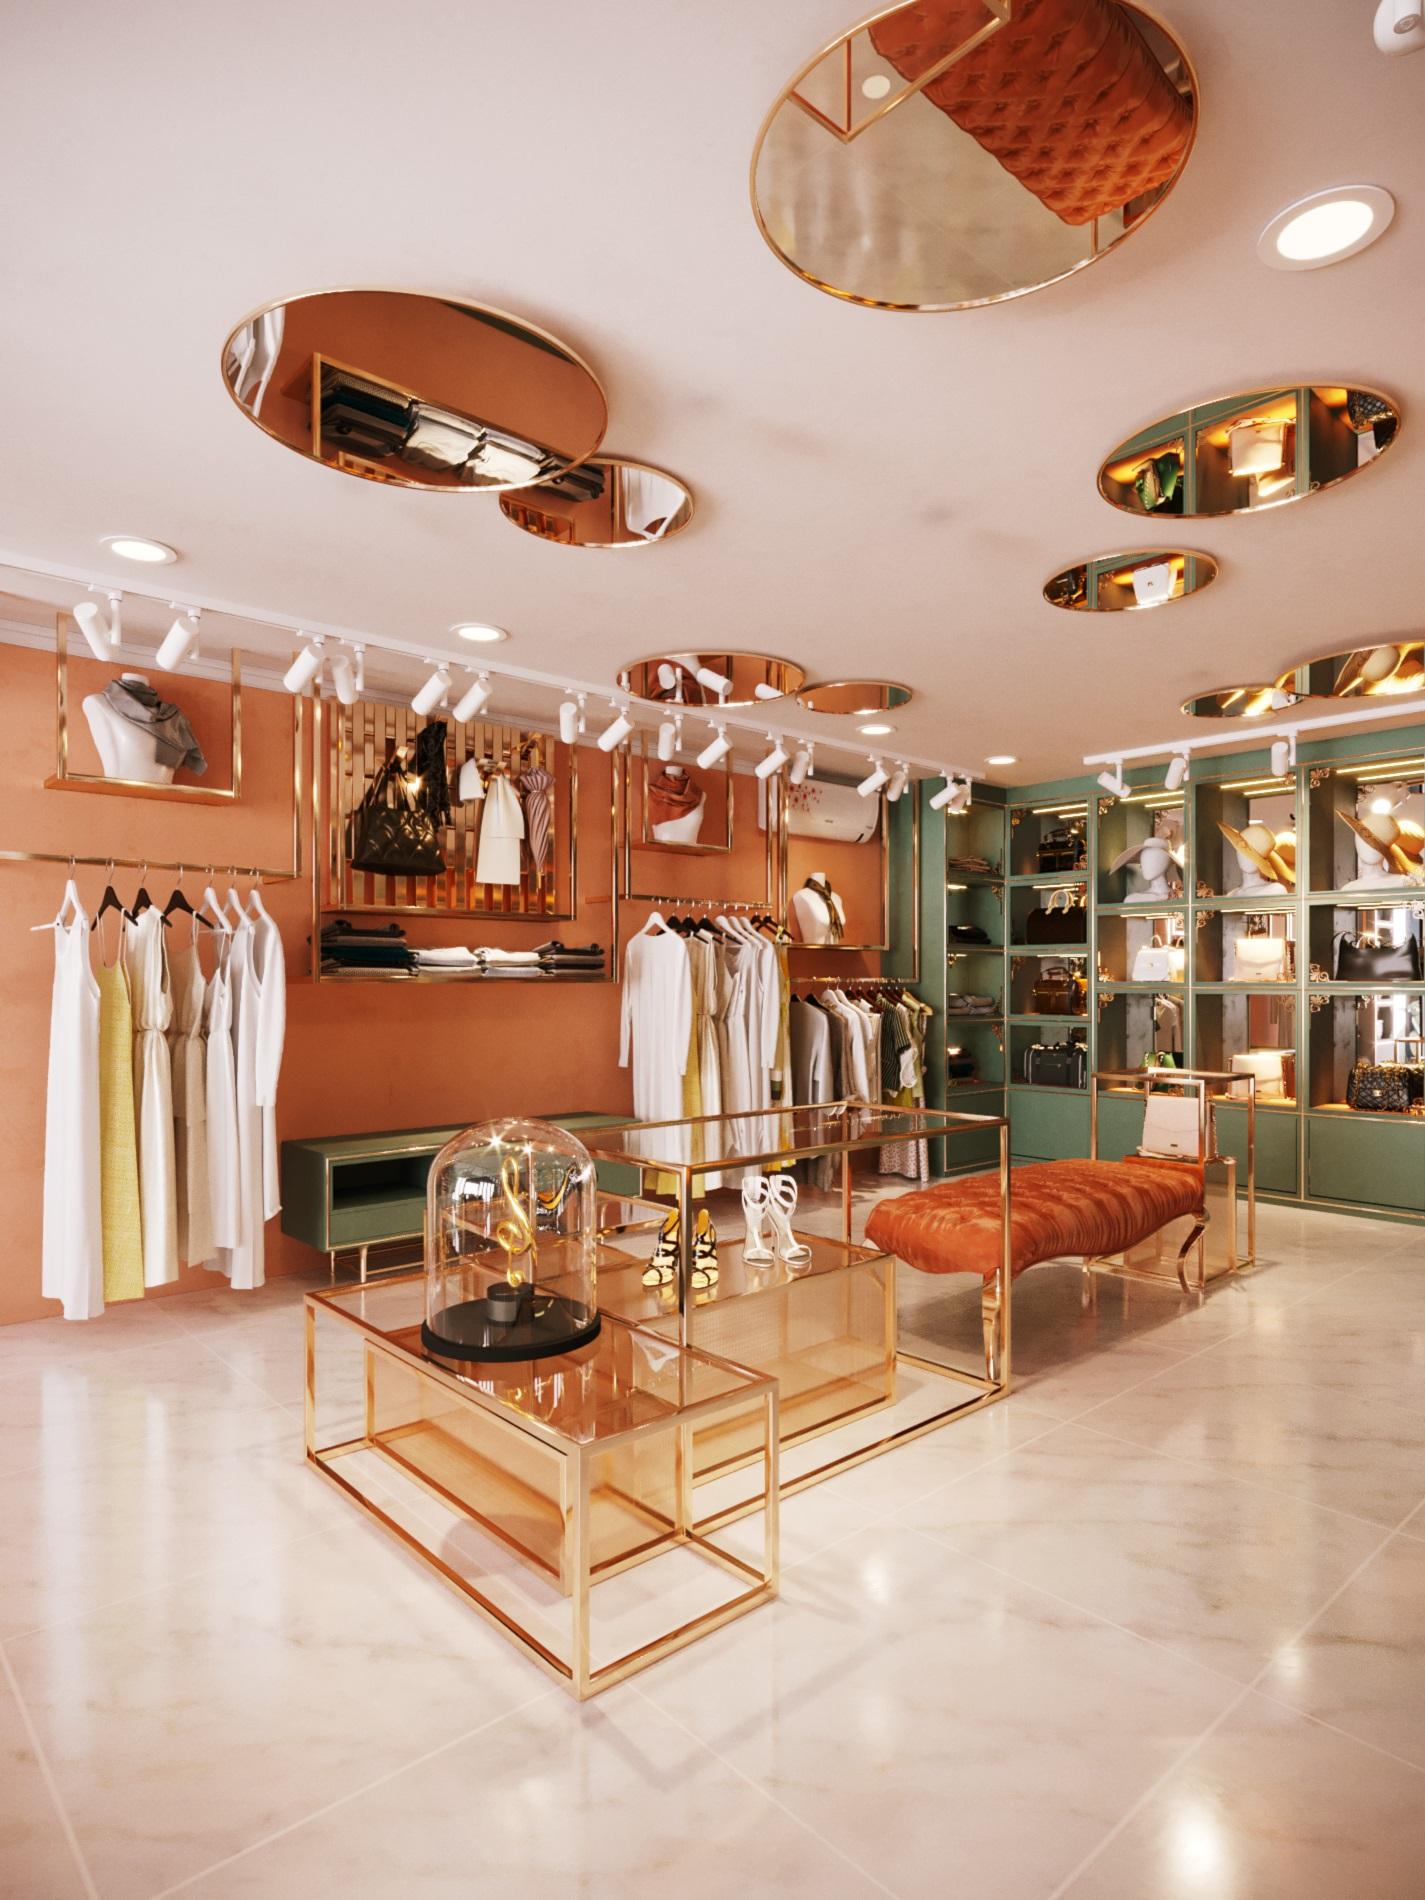 thiết kế nội thất Shop tại Hà Nội SHOP THỜI TRANG DANNY NGUYEN 13 1569650999